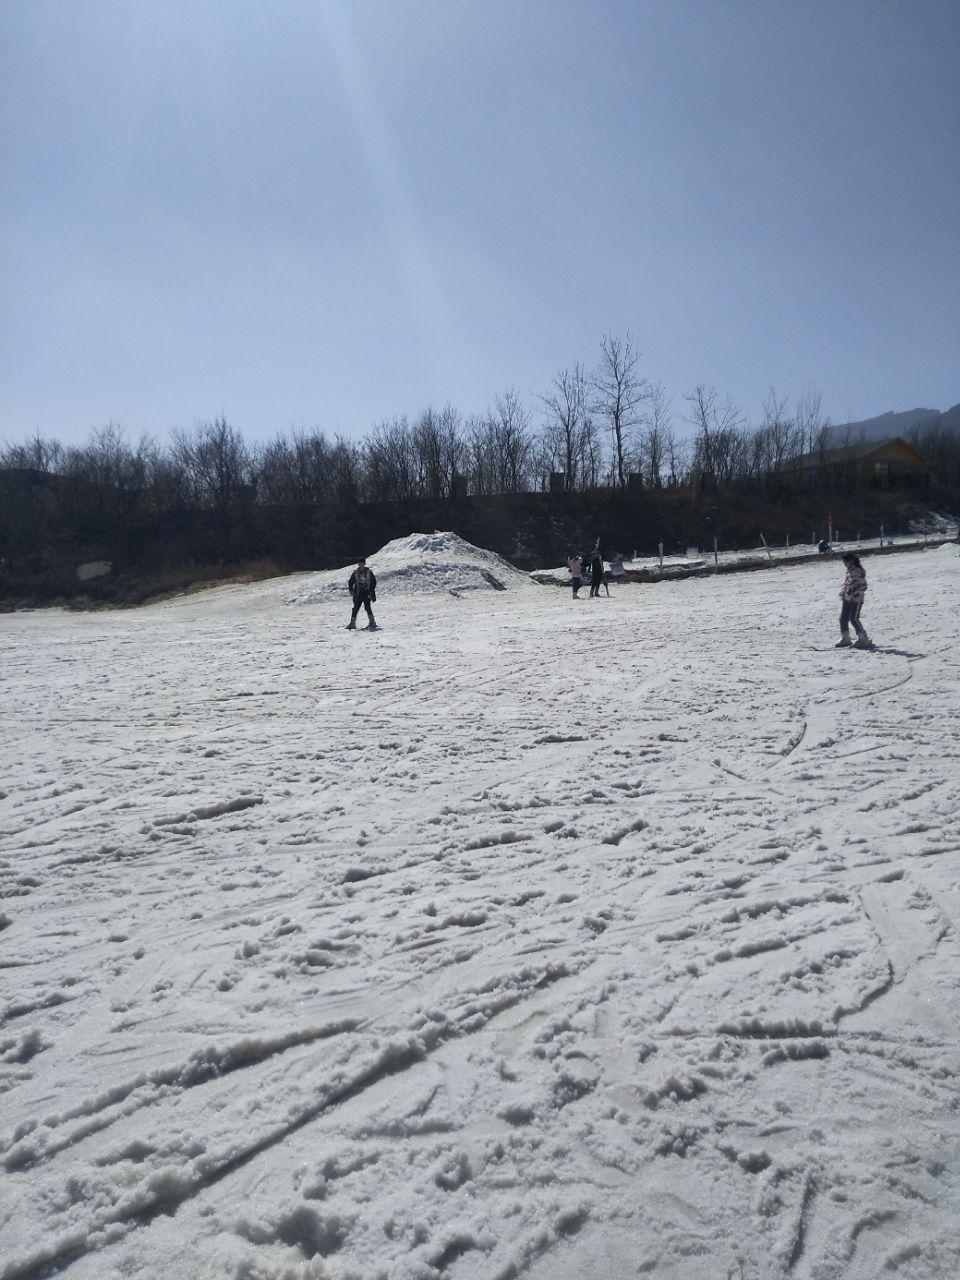 Taixingfengqing Ski Field